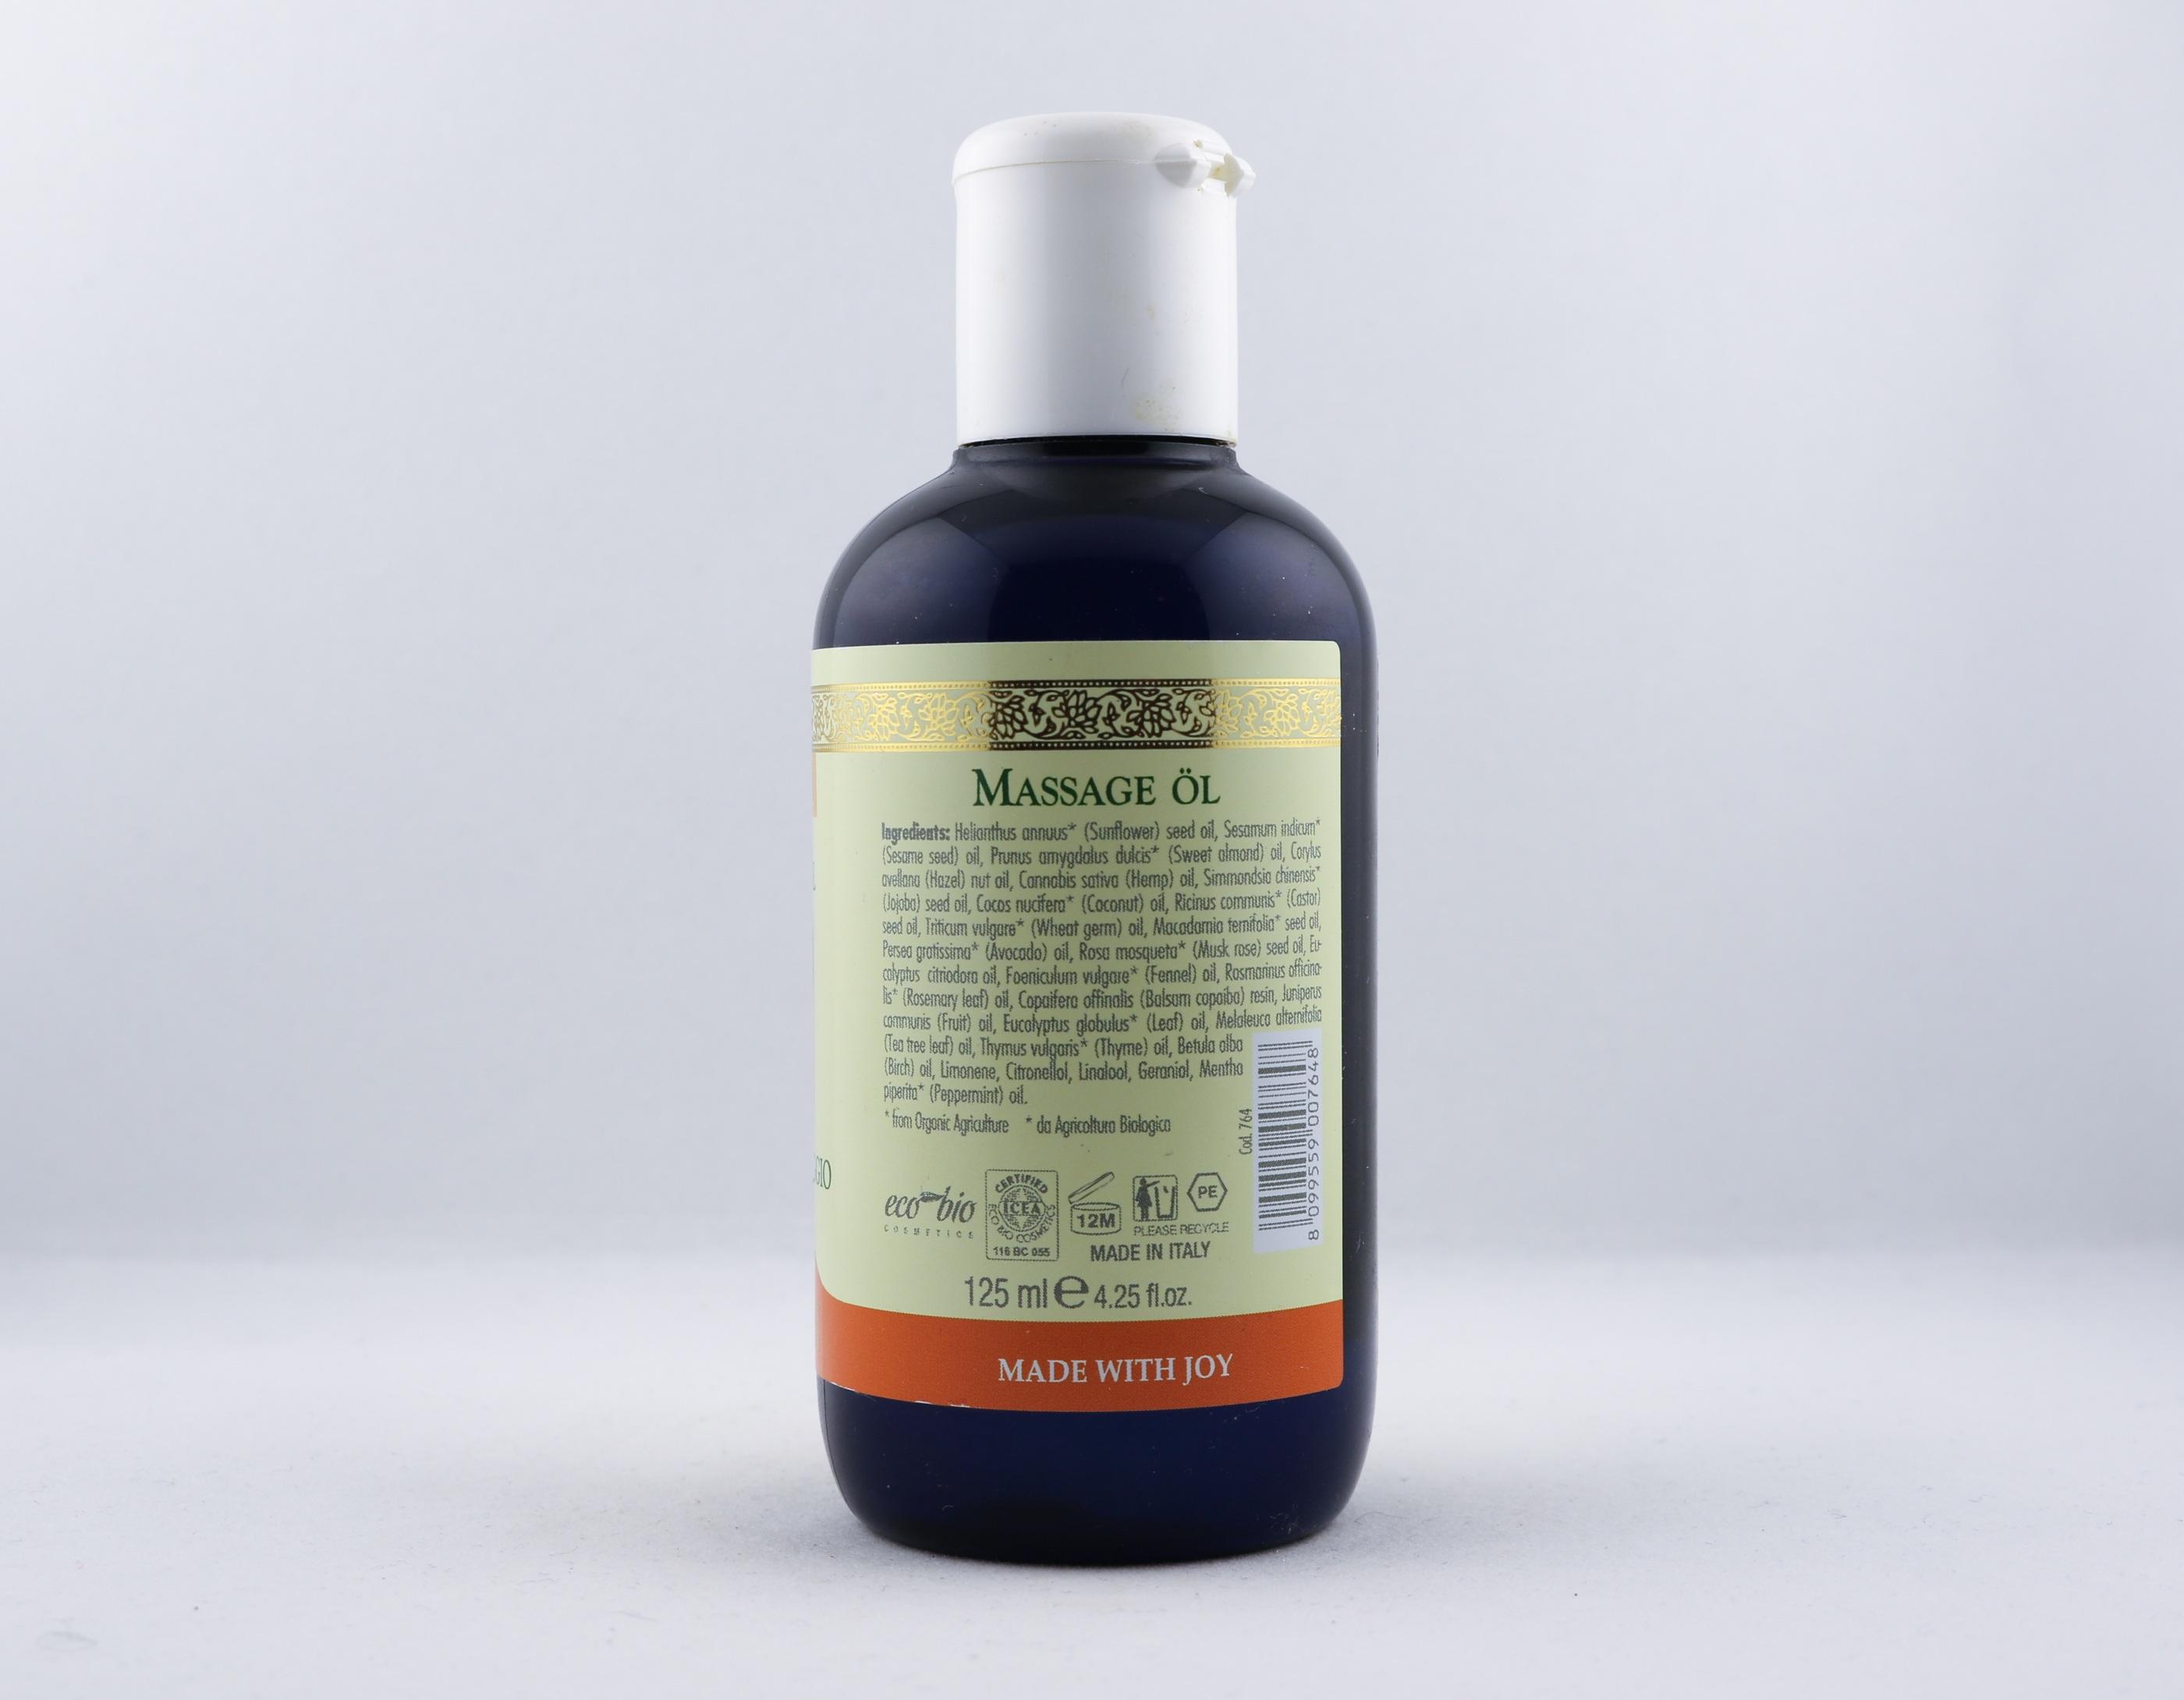 Art-reum massage olja wellness ayurveda halmstad sweden svensk massage olja